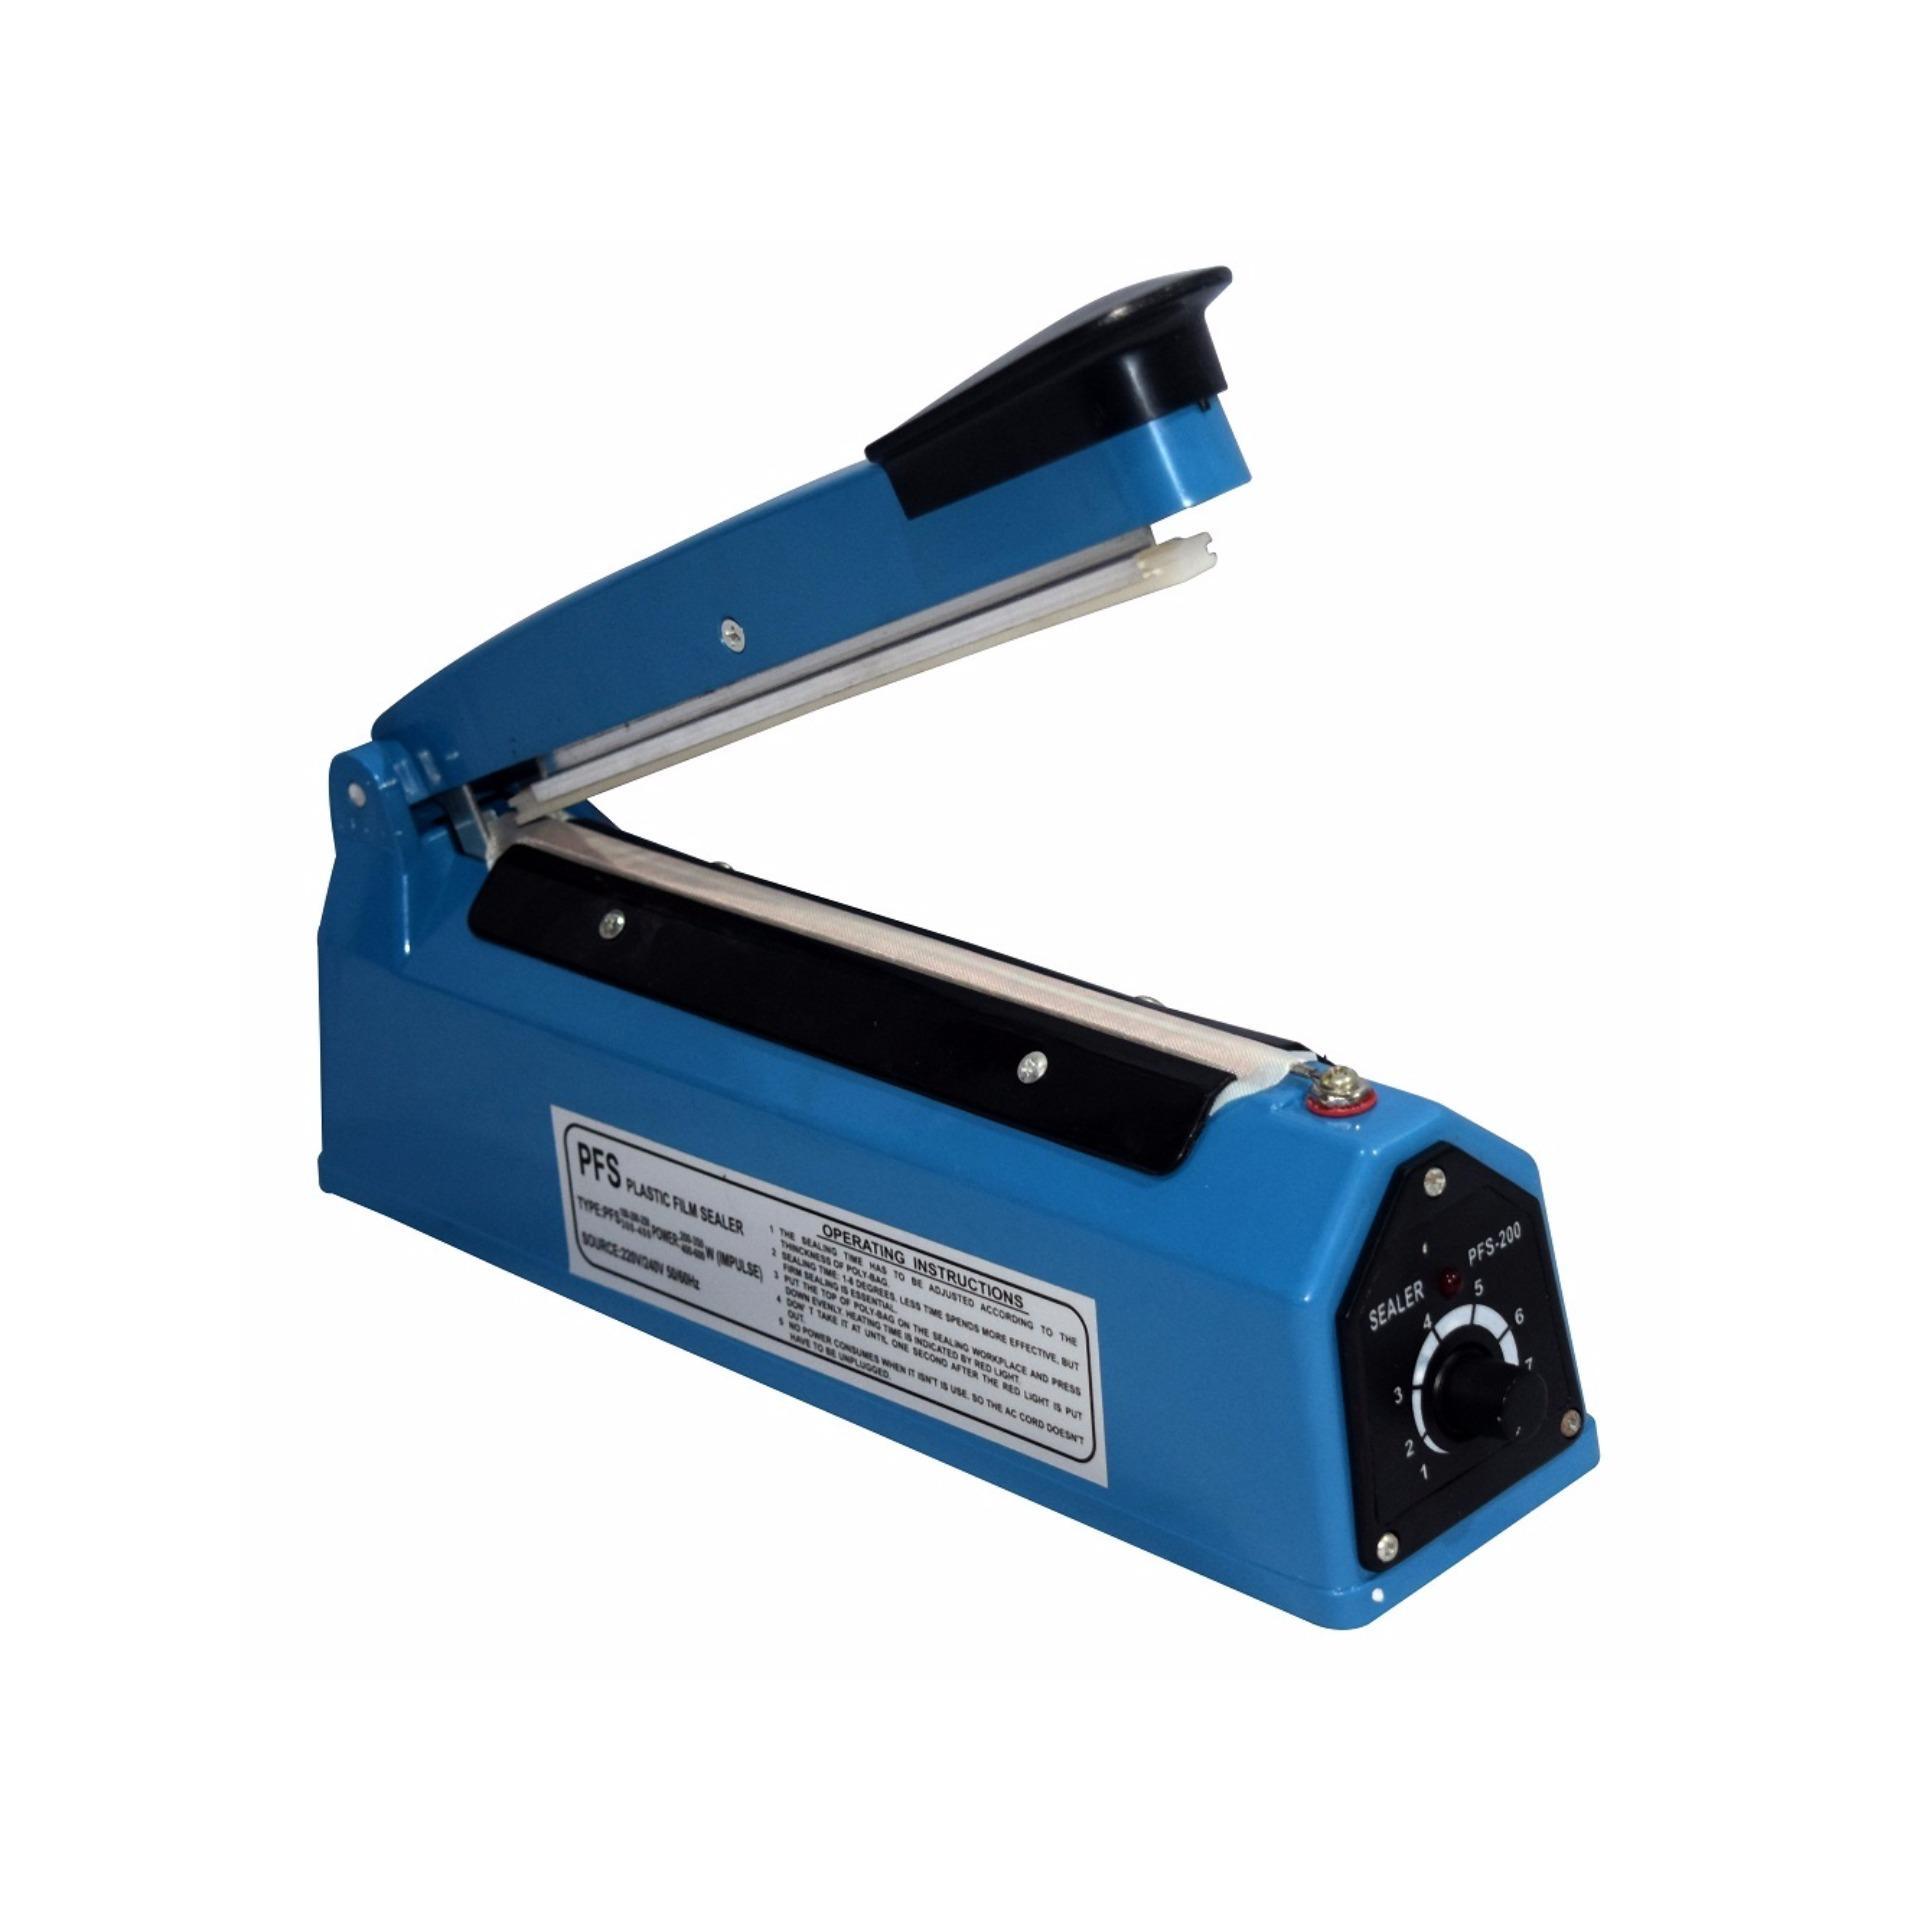 Daftar Harga Q2 Impulse Sealer Pfs 8300 Alat Press Plastik 30 Cm Mini Hand Perekat Super Handy Pengemas Makanan